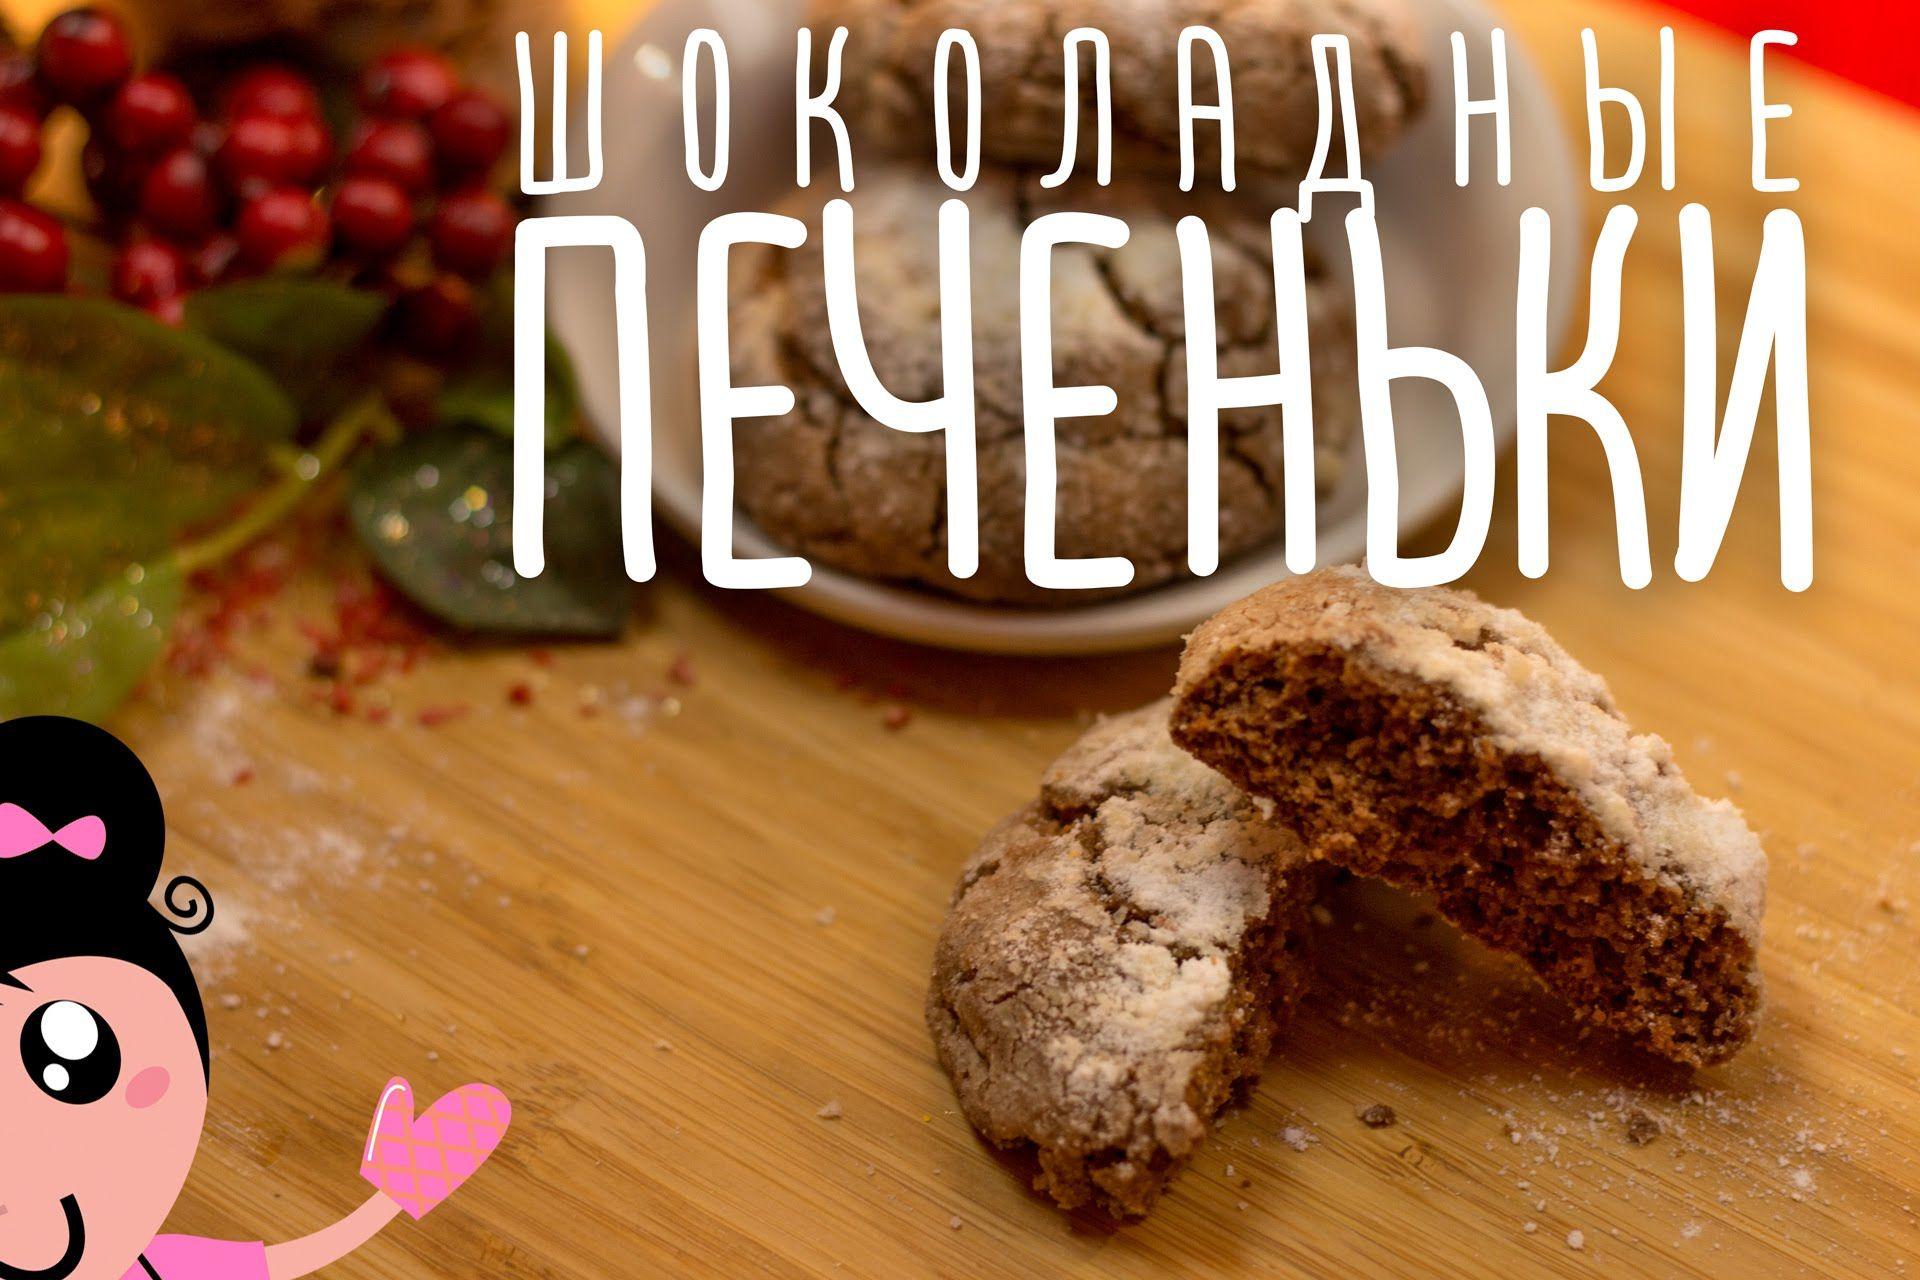 Рецепт Новогоднего шоколадного печенья с трещинками - Готовим с Хоней